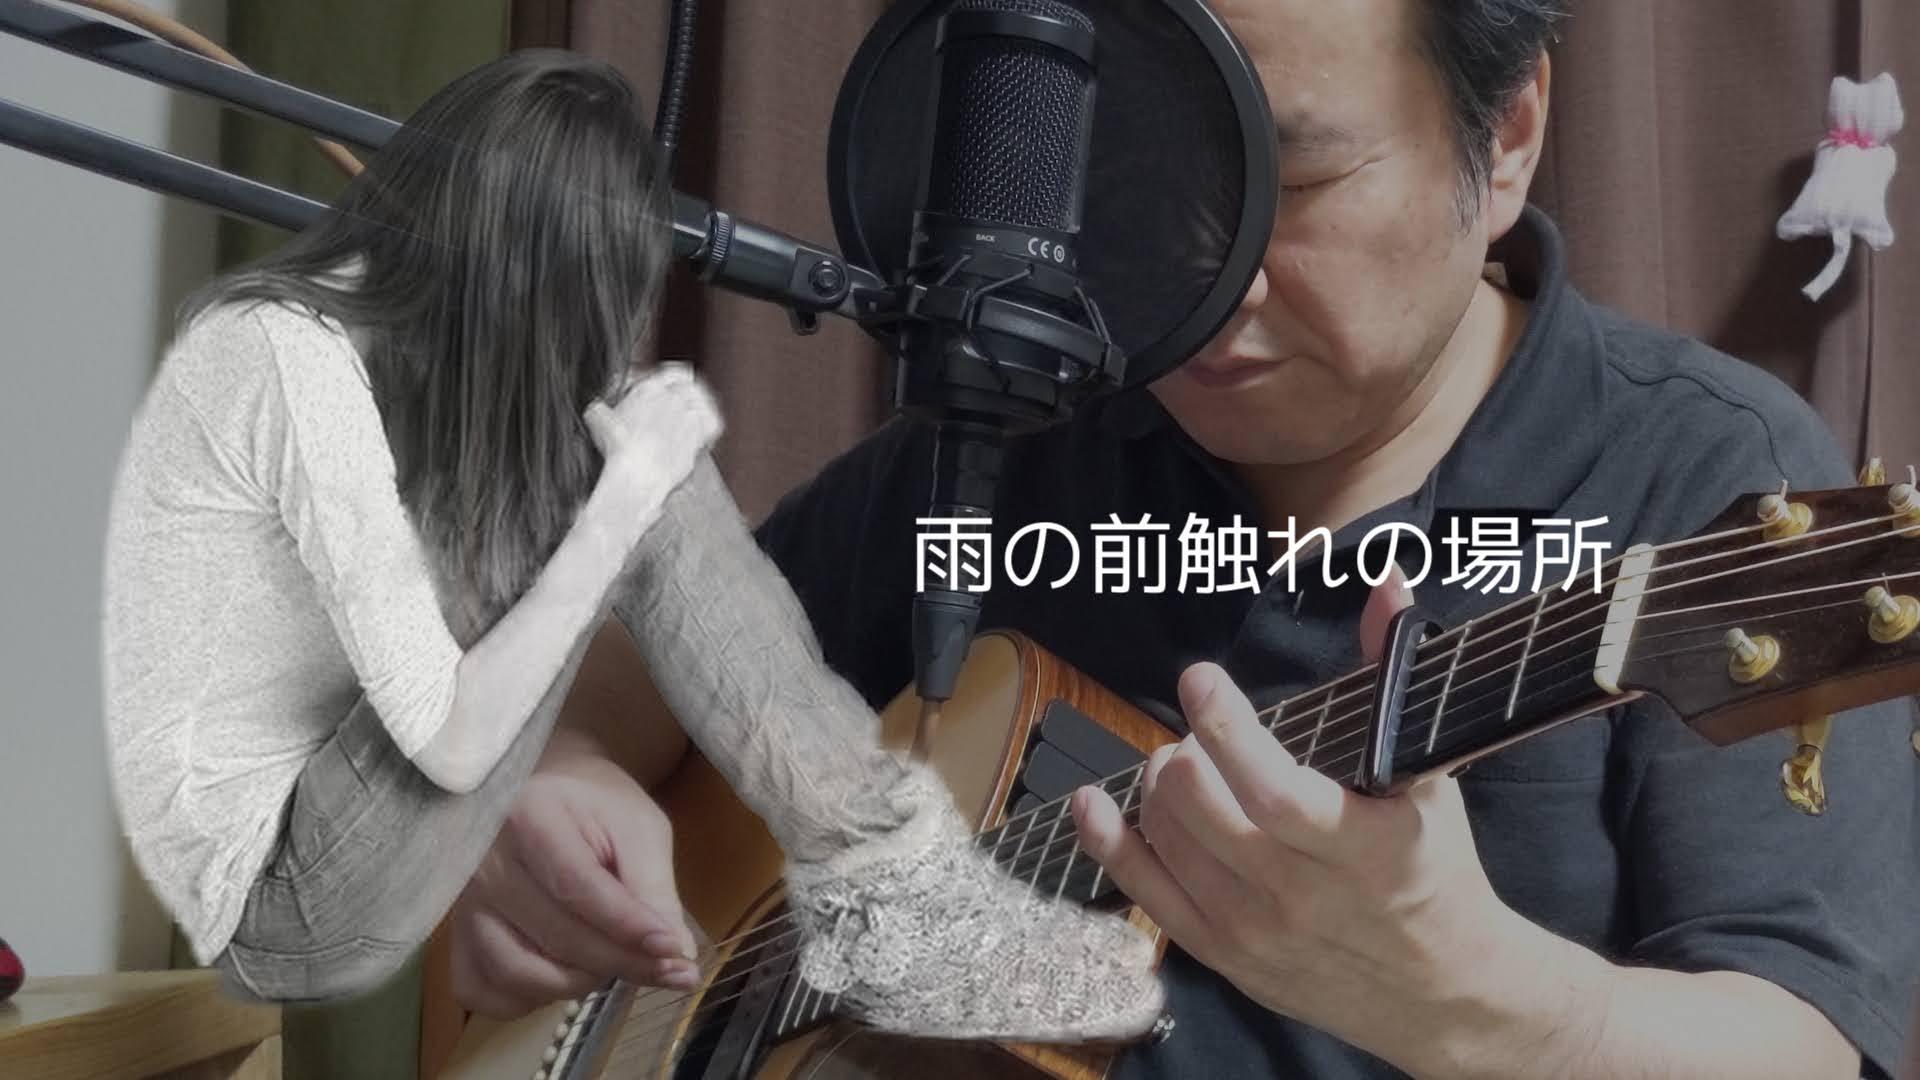 「雨の前触れの場所」一発撮りの弾き語り sing with a guitar